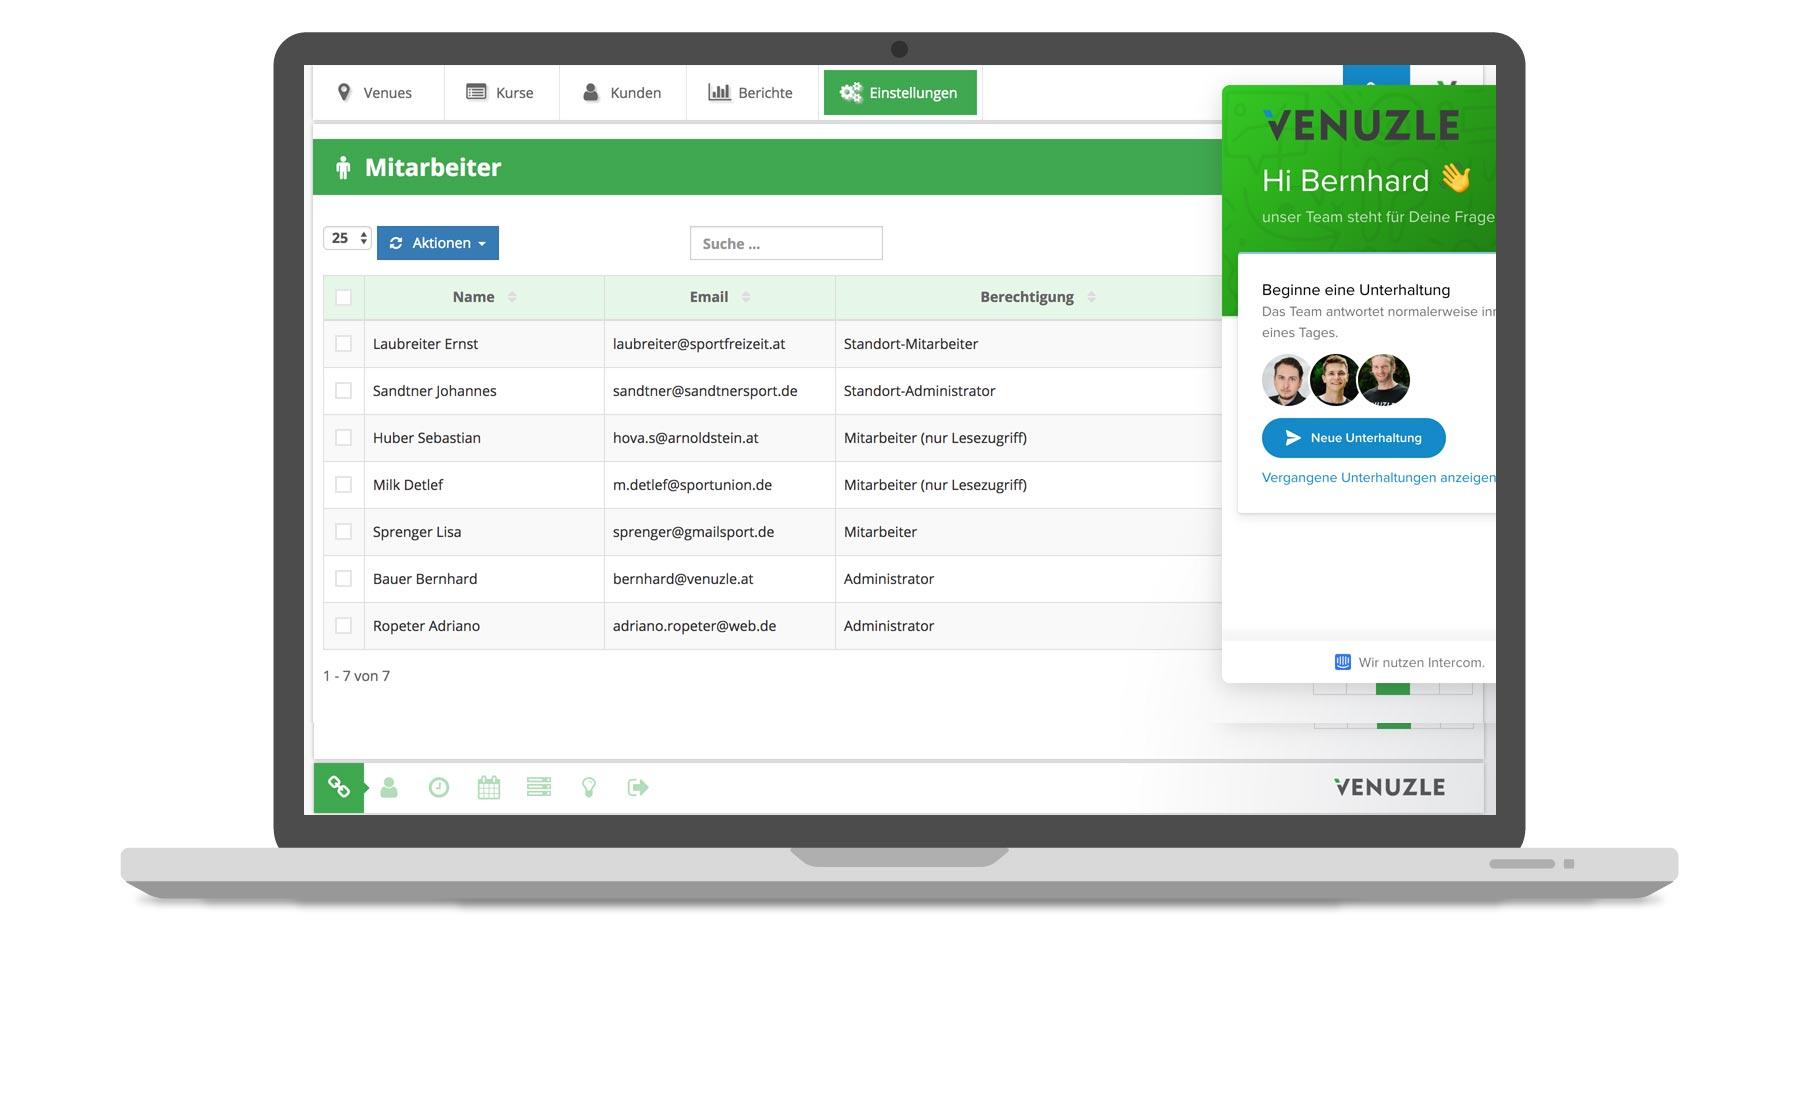 Venuzle Mac Mockup der Mitarbeiteraccounts und dem Support Tool Intercom